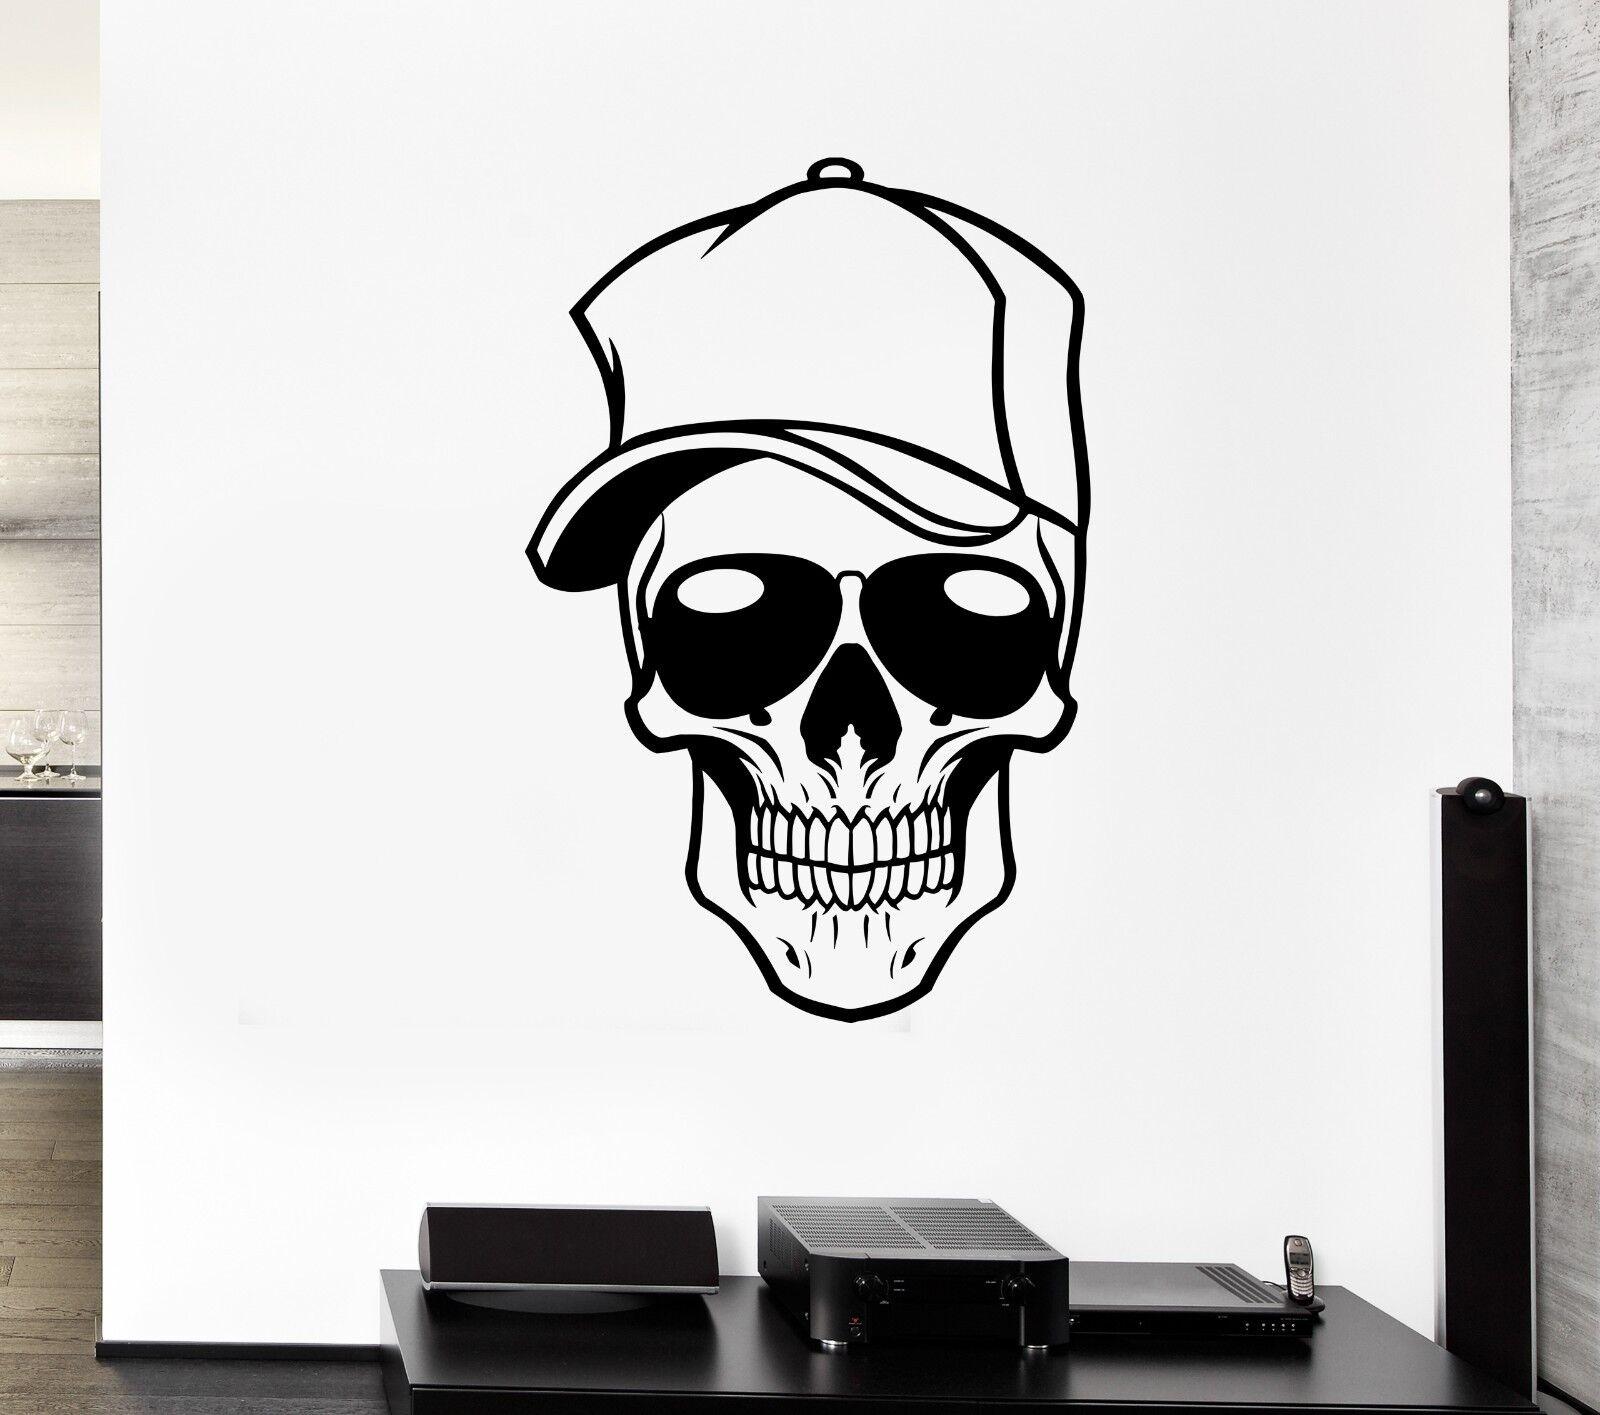 Wall Decal Skull Glasses Cap Skeleton Visor Head Mural Vinyl Stickers (ed064)